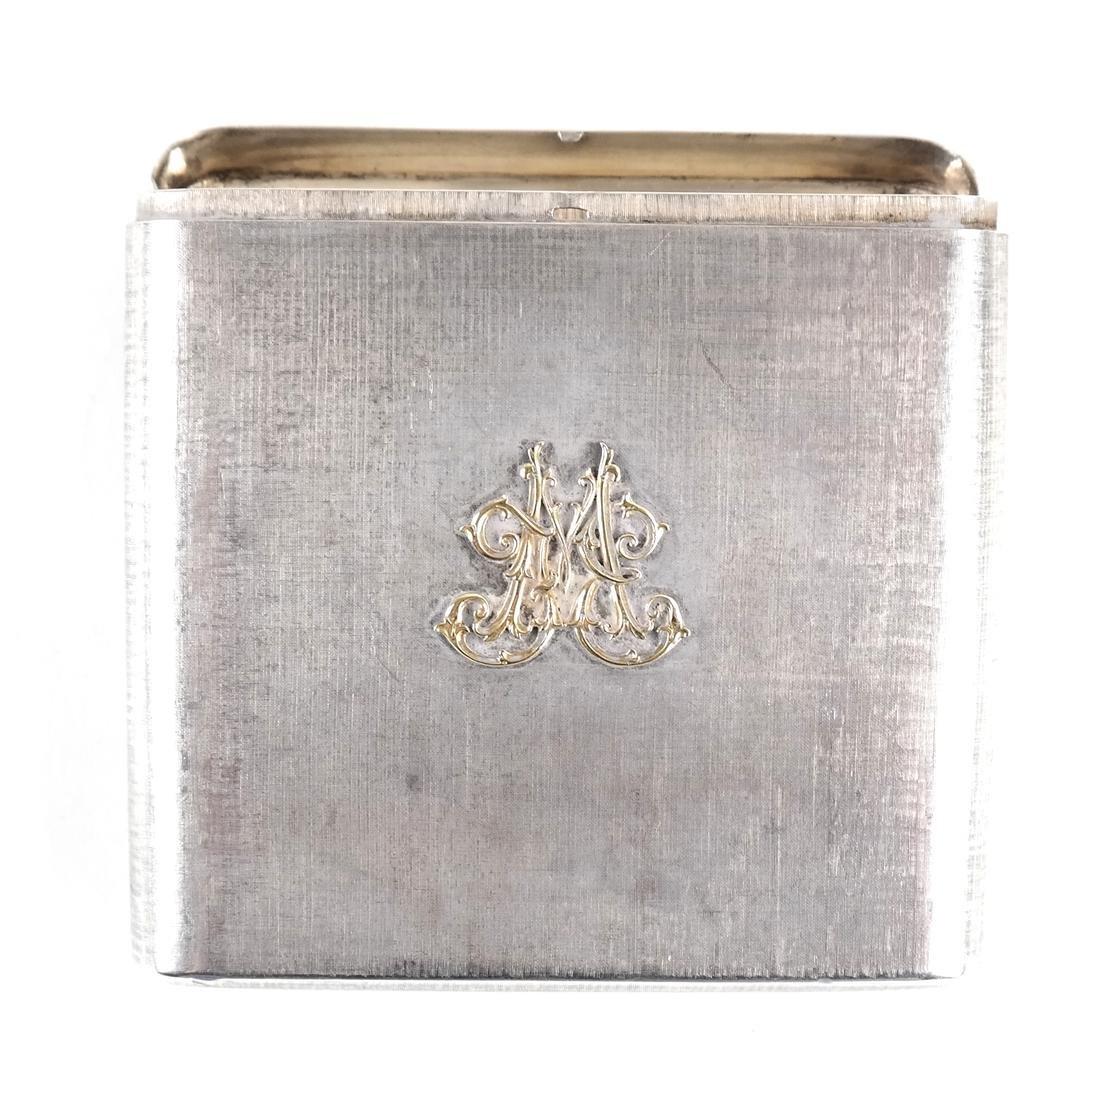 Mario Buccellati, Sterling Silver Cigarette Case